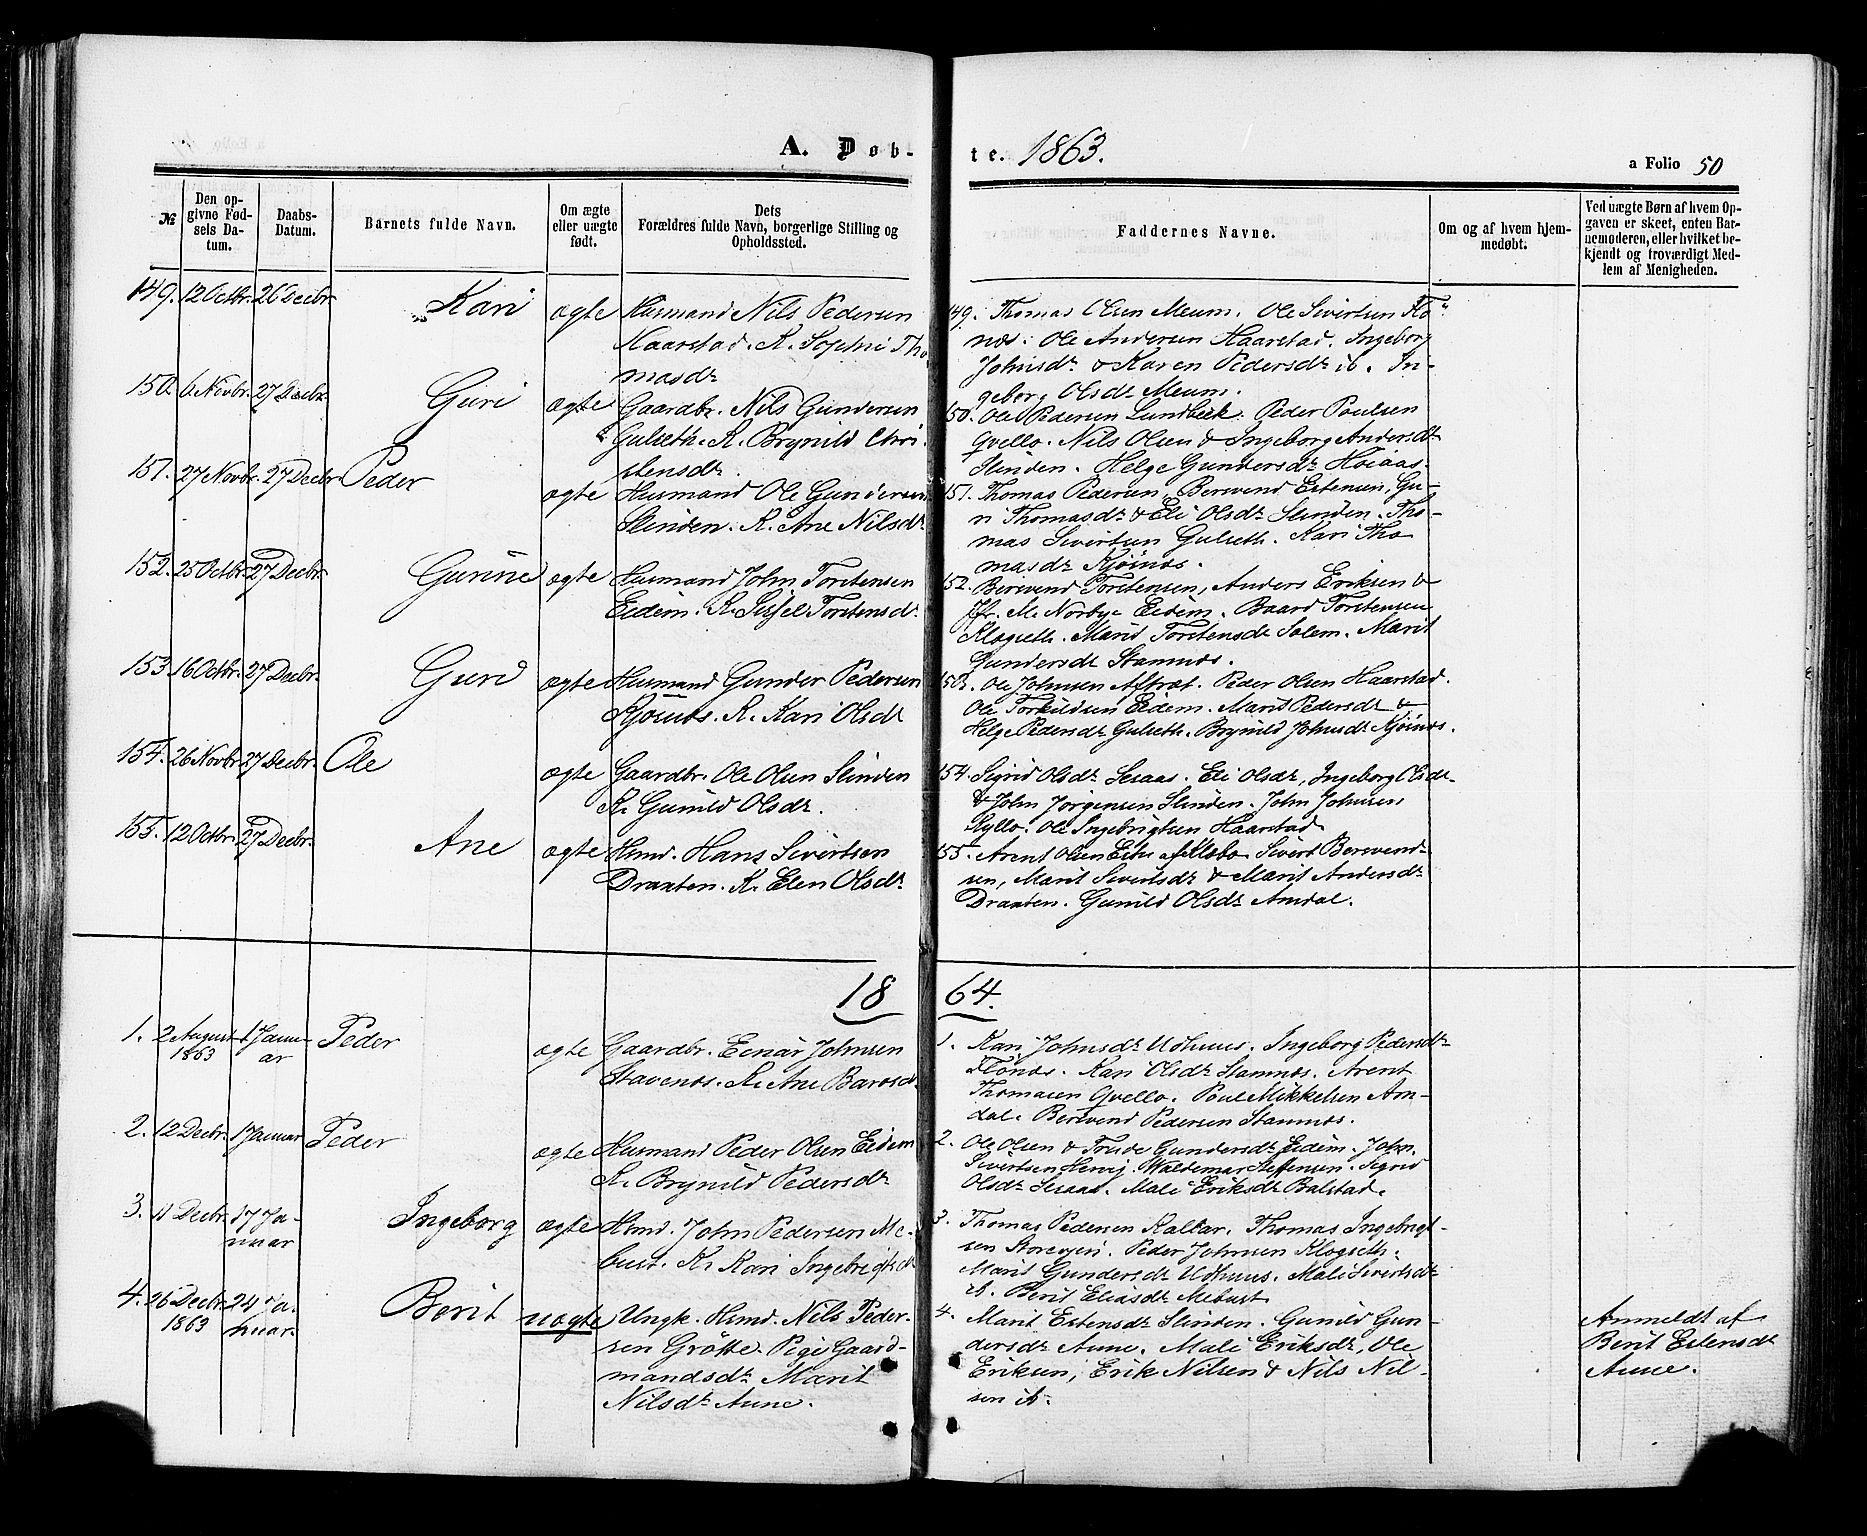 SAT, Ministerialprotokoller, klokkerbøker og fødselsregistre - Sør-Trøndelag, 695/L1147: Ministerialbok nr. 695A07, 1860-1877, s. 50